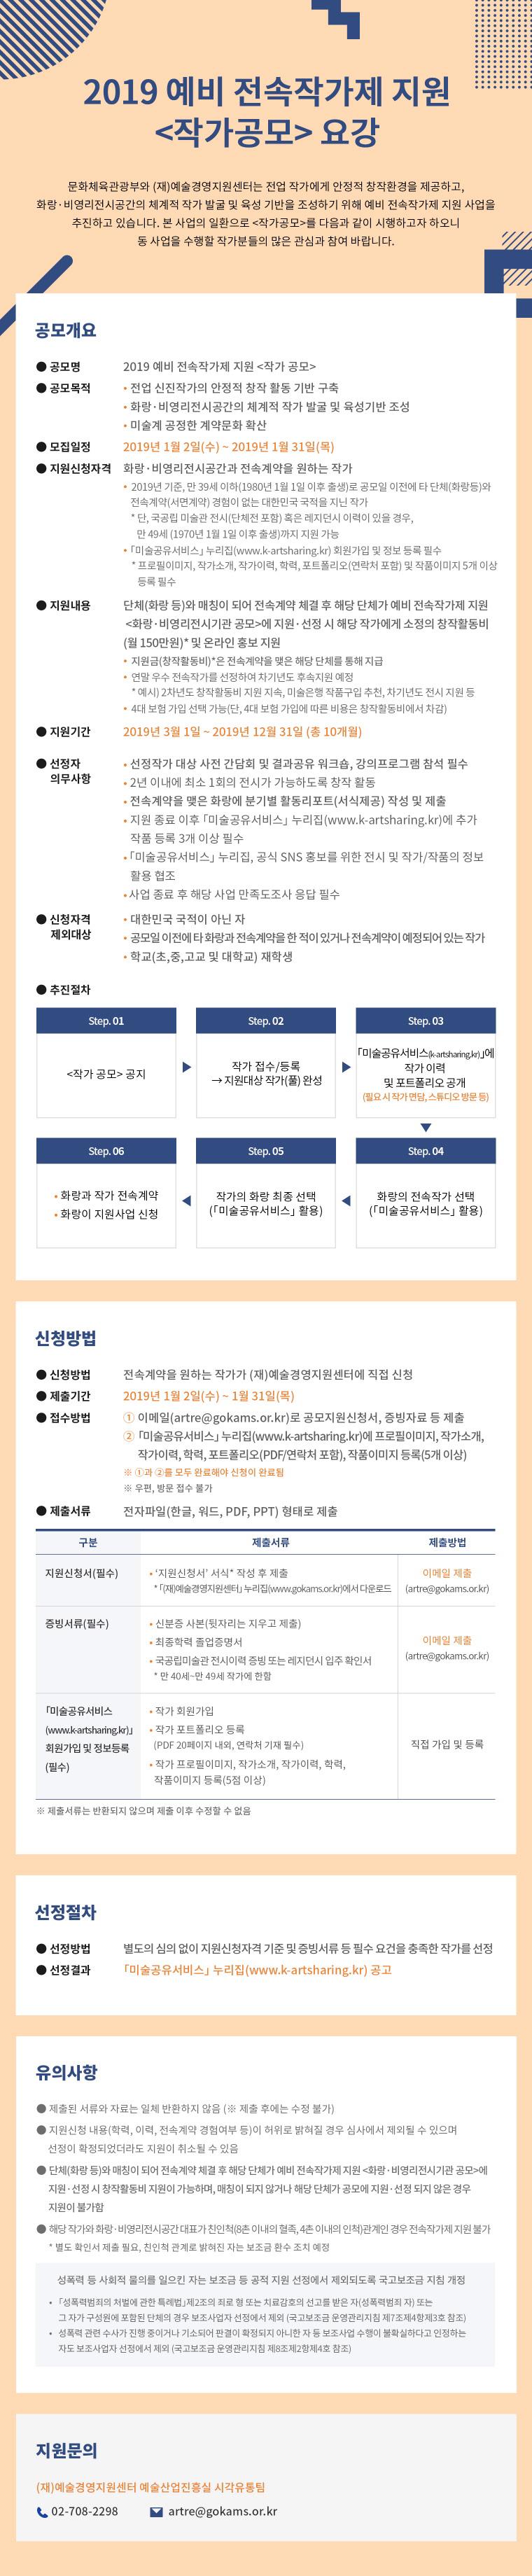 2019 예비 전속작가제 지원 <작가 공모> 안내이미지1